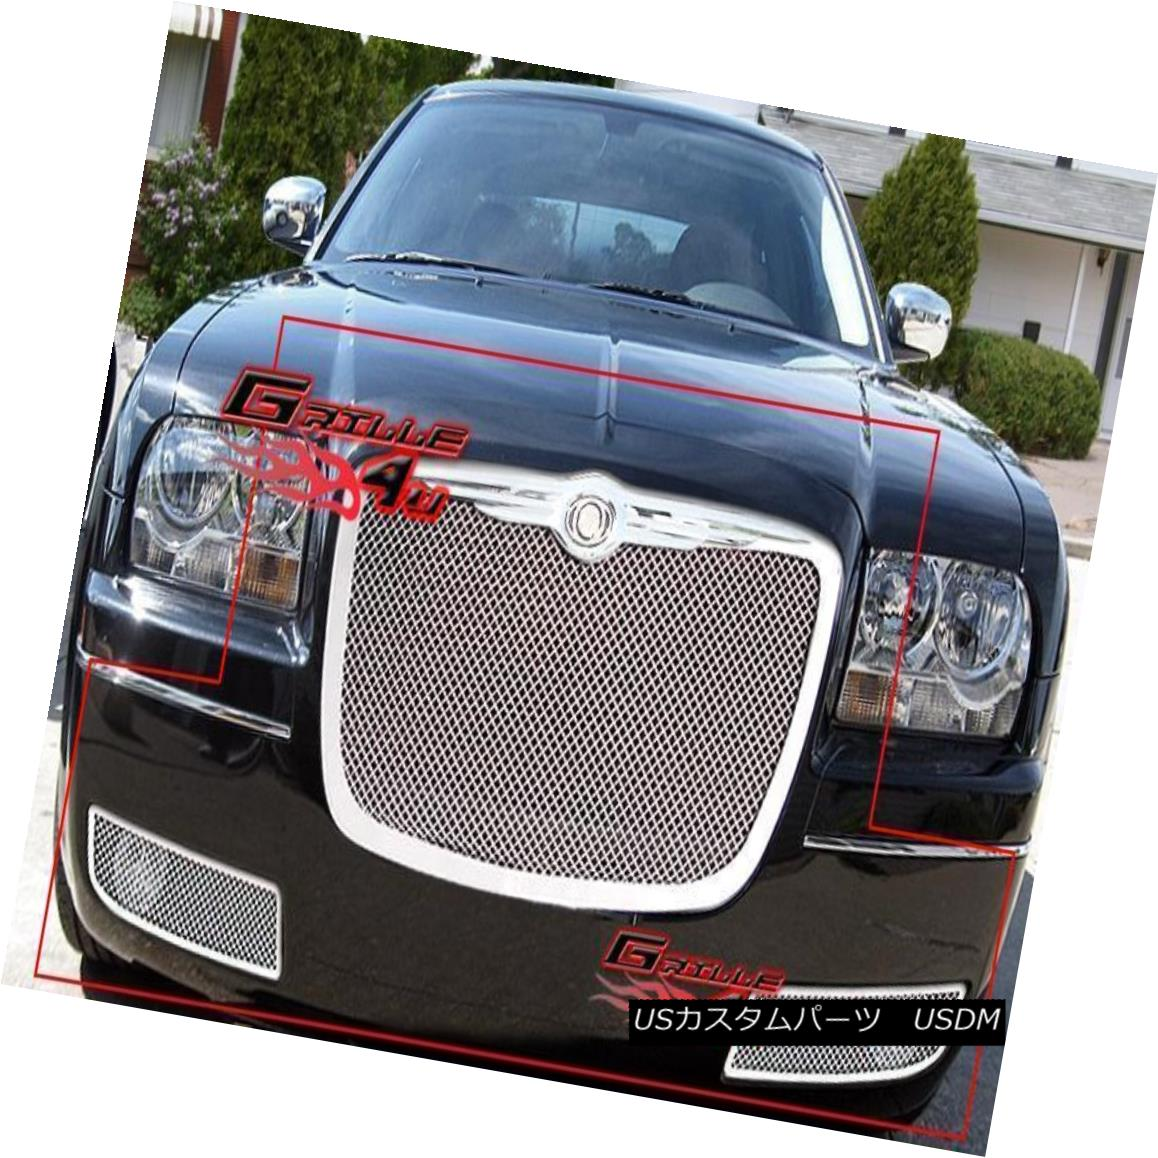 グリル Fits 2005-2010 Chrysler 300 Stainless Steel Mesh Grille Combo 適合2005-2010クライスラー300ステンレスメッシュグリルコンボ